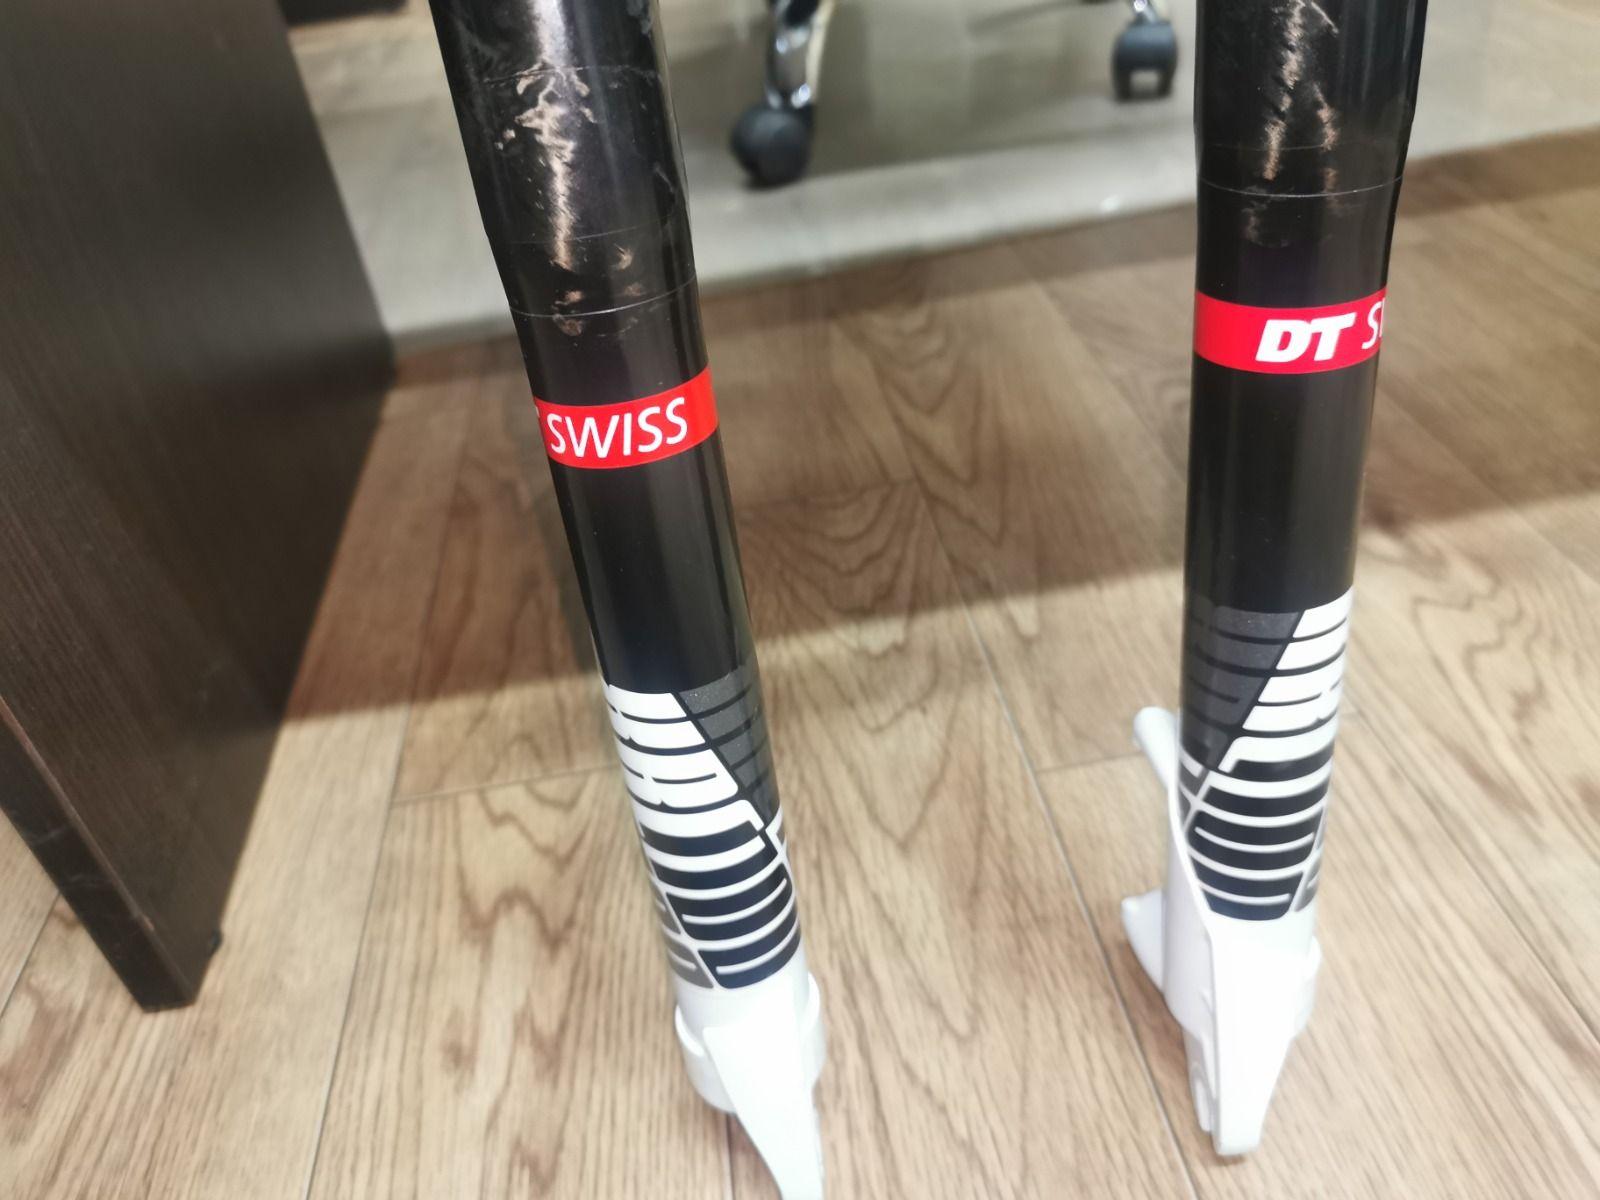 Вилка DT Swiss XRC 100 26